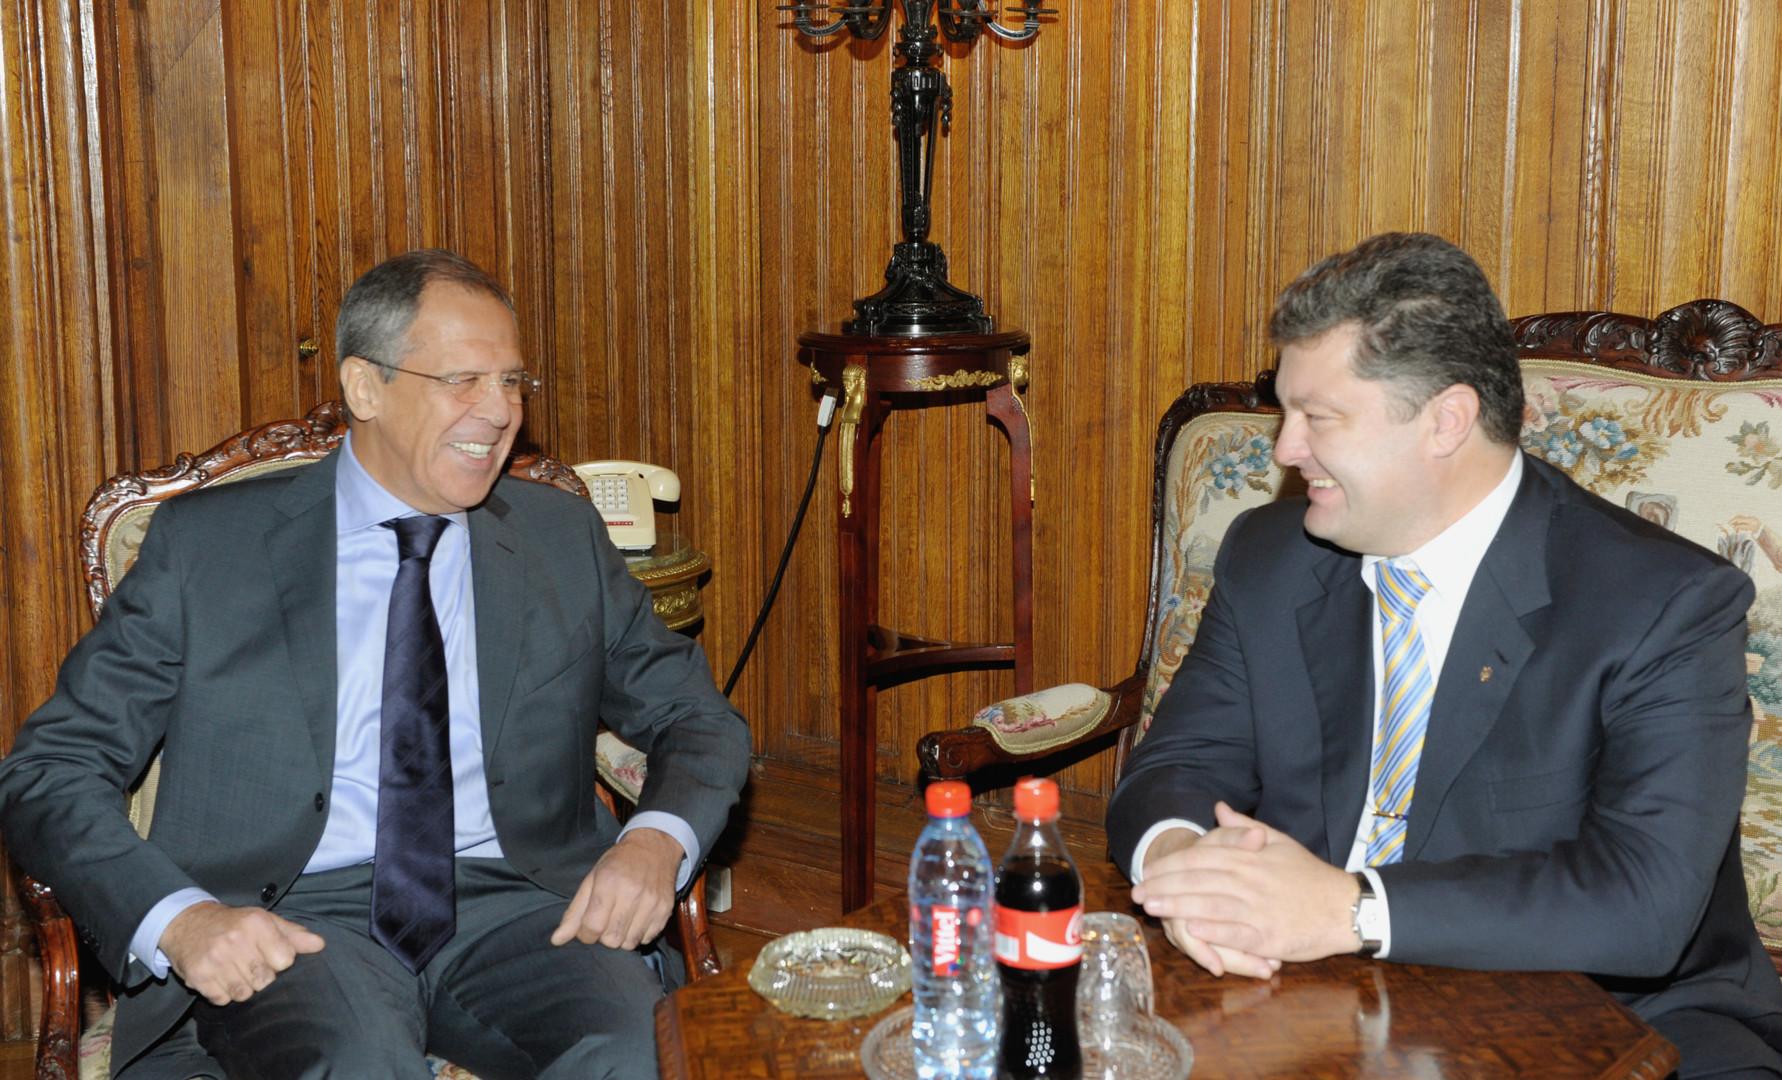 Heute eine beinahe undenkbare Aufnahme. Der damalige ukrainische Außenminister und heutige Präsident Petro Poroschenko in bester Laune bei einem Treffen mit Lawrow in Moskau am 23. Oktober 2009.